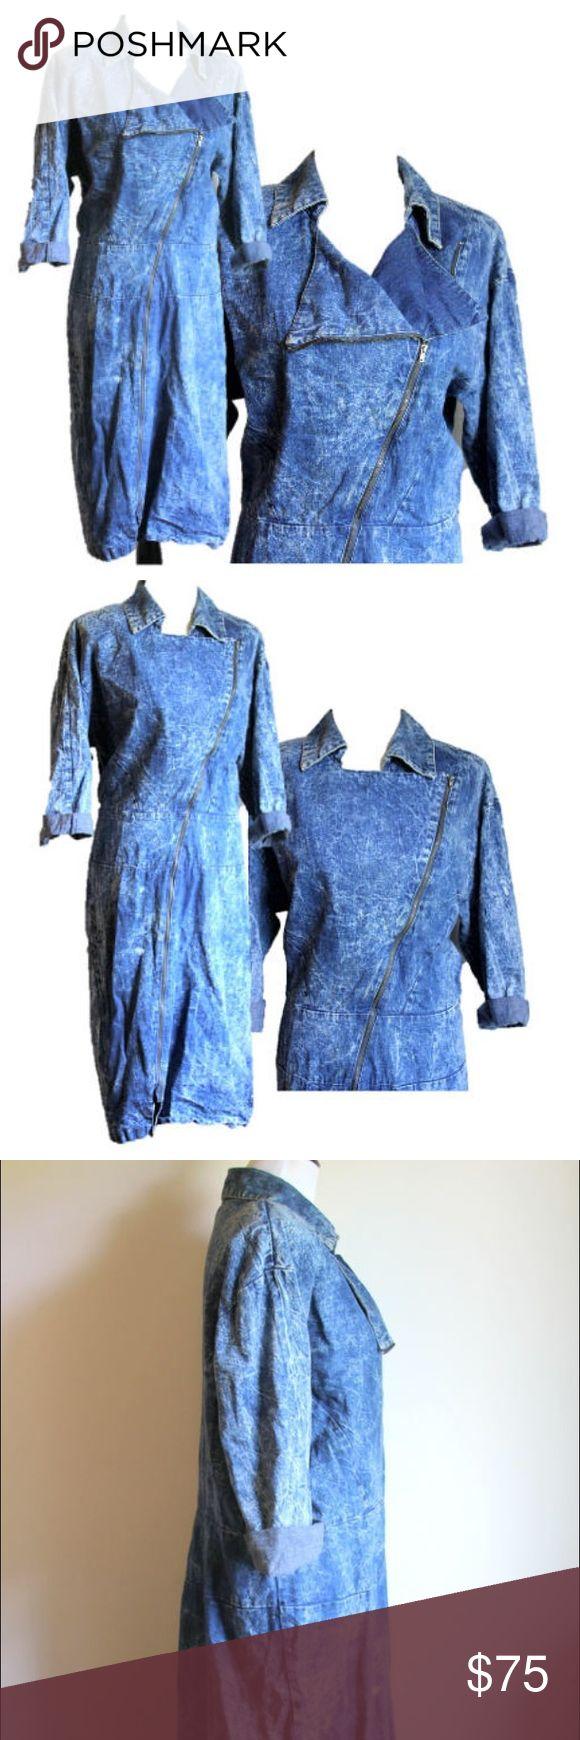 Vintage Acid Wash Denim Dress Jumpsuit Stone Wash Vintage Acid wash denim dress with zipper from skirt hem to top. Vintage size 16. Excellent Condition. 1980s stone wash blue Jean. Could fit size 12-14. Maker: Venezia 100% Cotton Venezia Dresses Long Sleeve